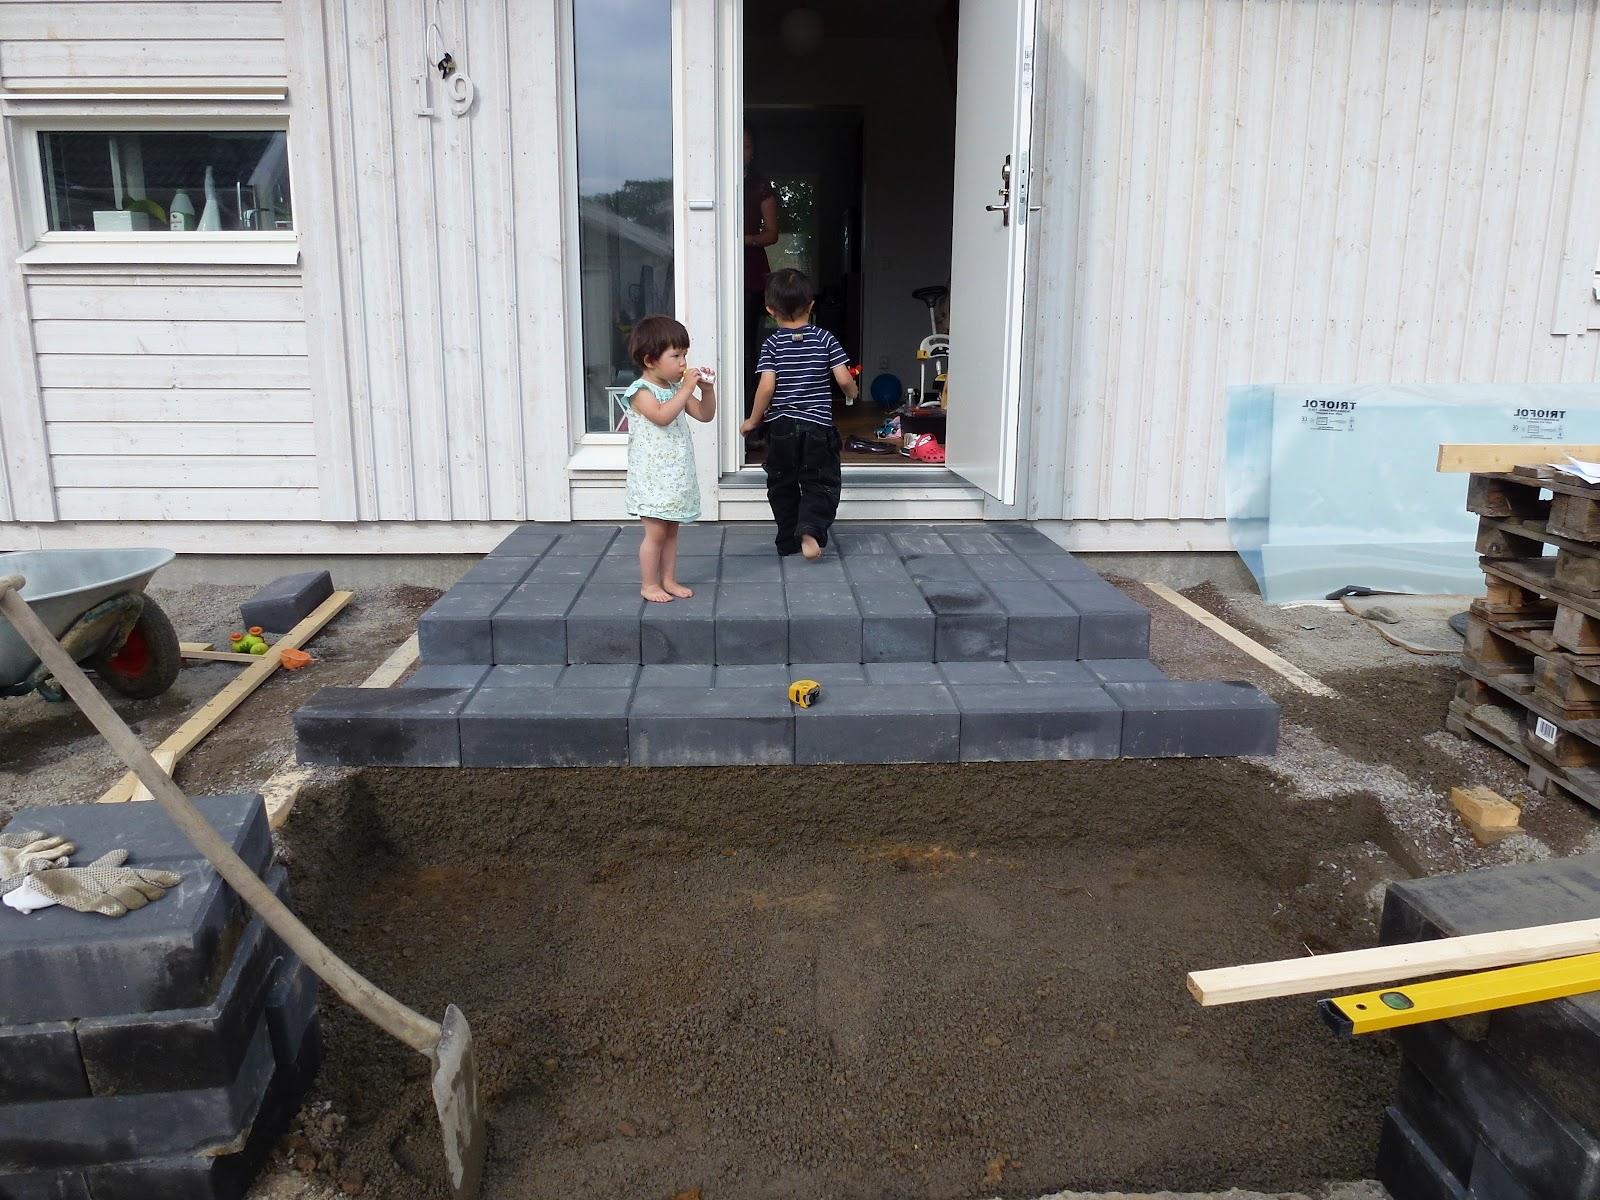 Vi byggar villa kalmar från smålandsvillan = : trappan på ...